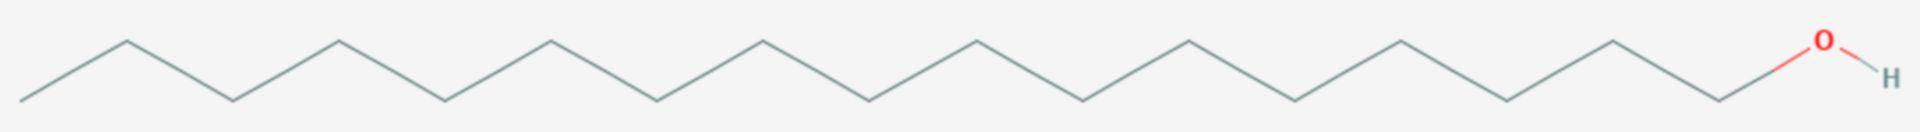 1-Heptadecanol (Strukturformel)